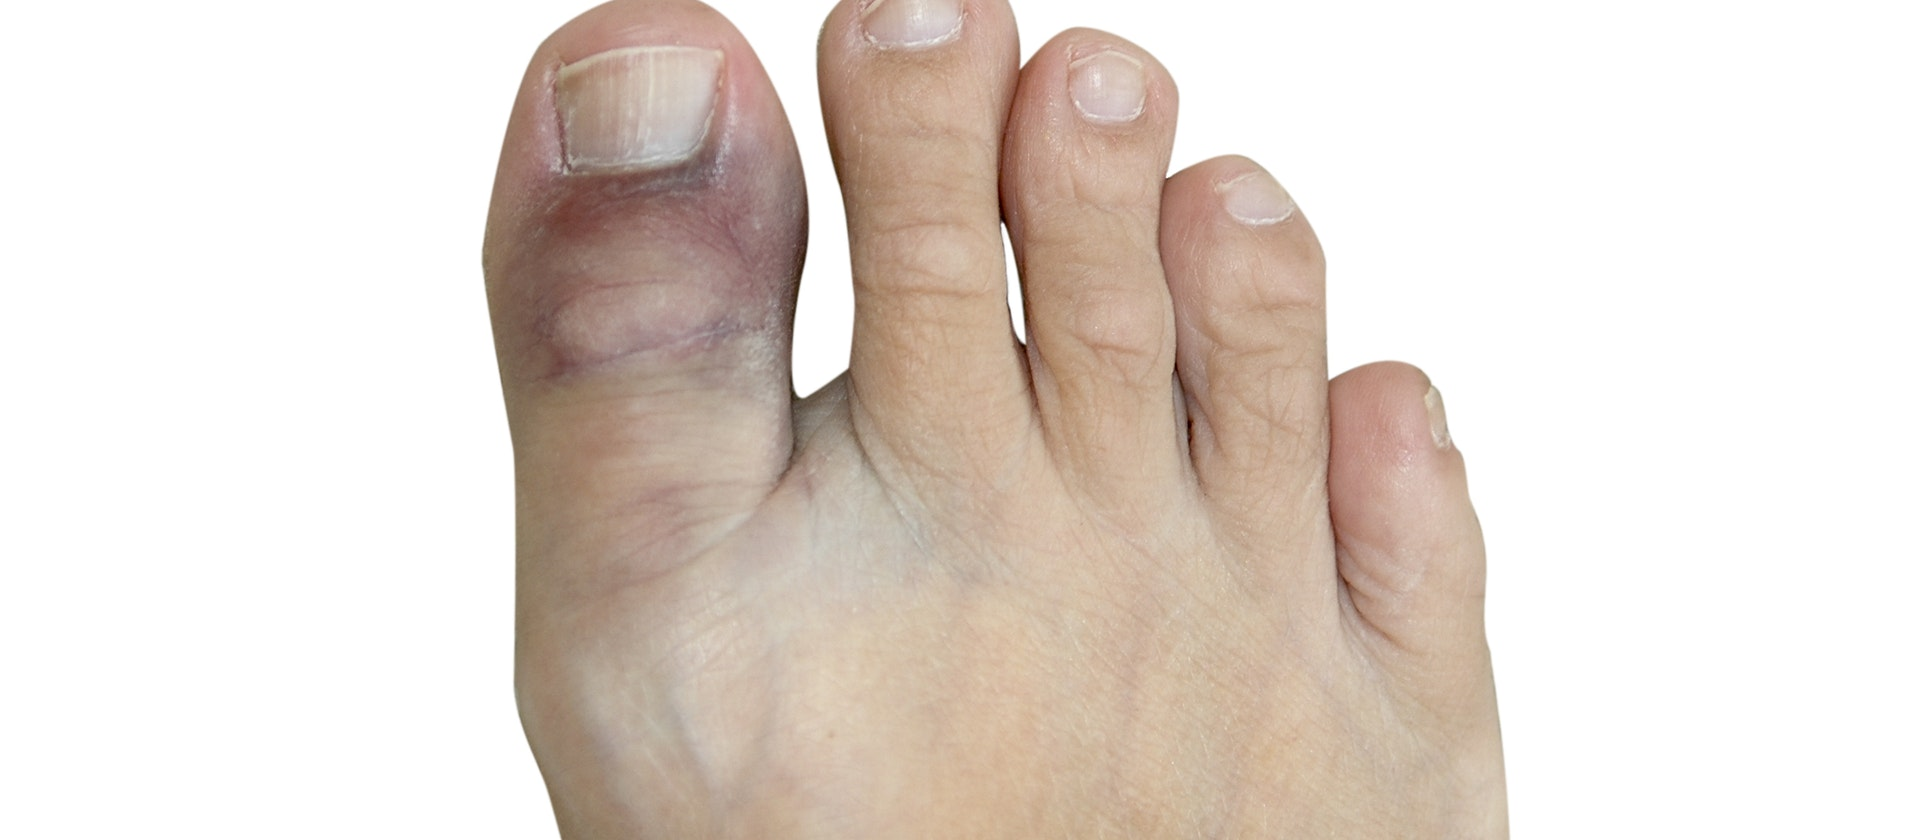 При посиневшем пальце нужно обратиться к врачу